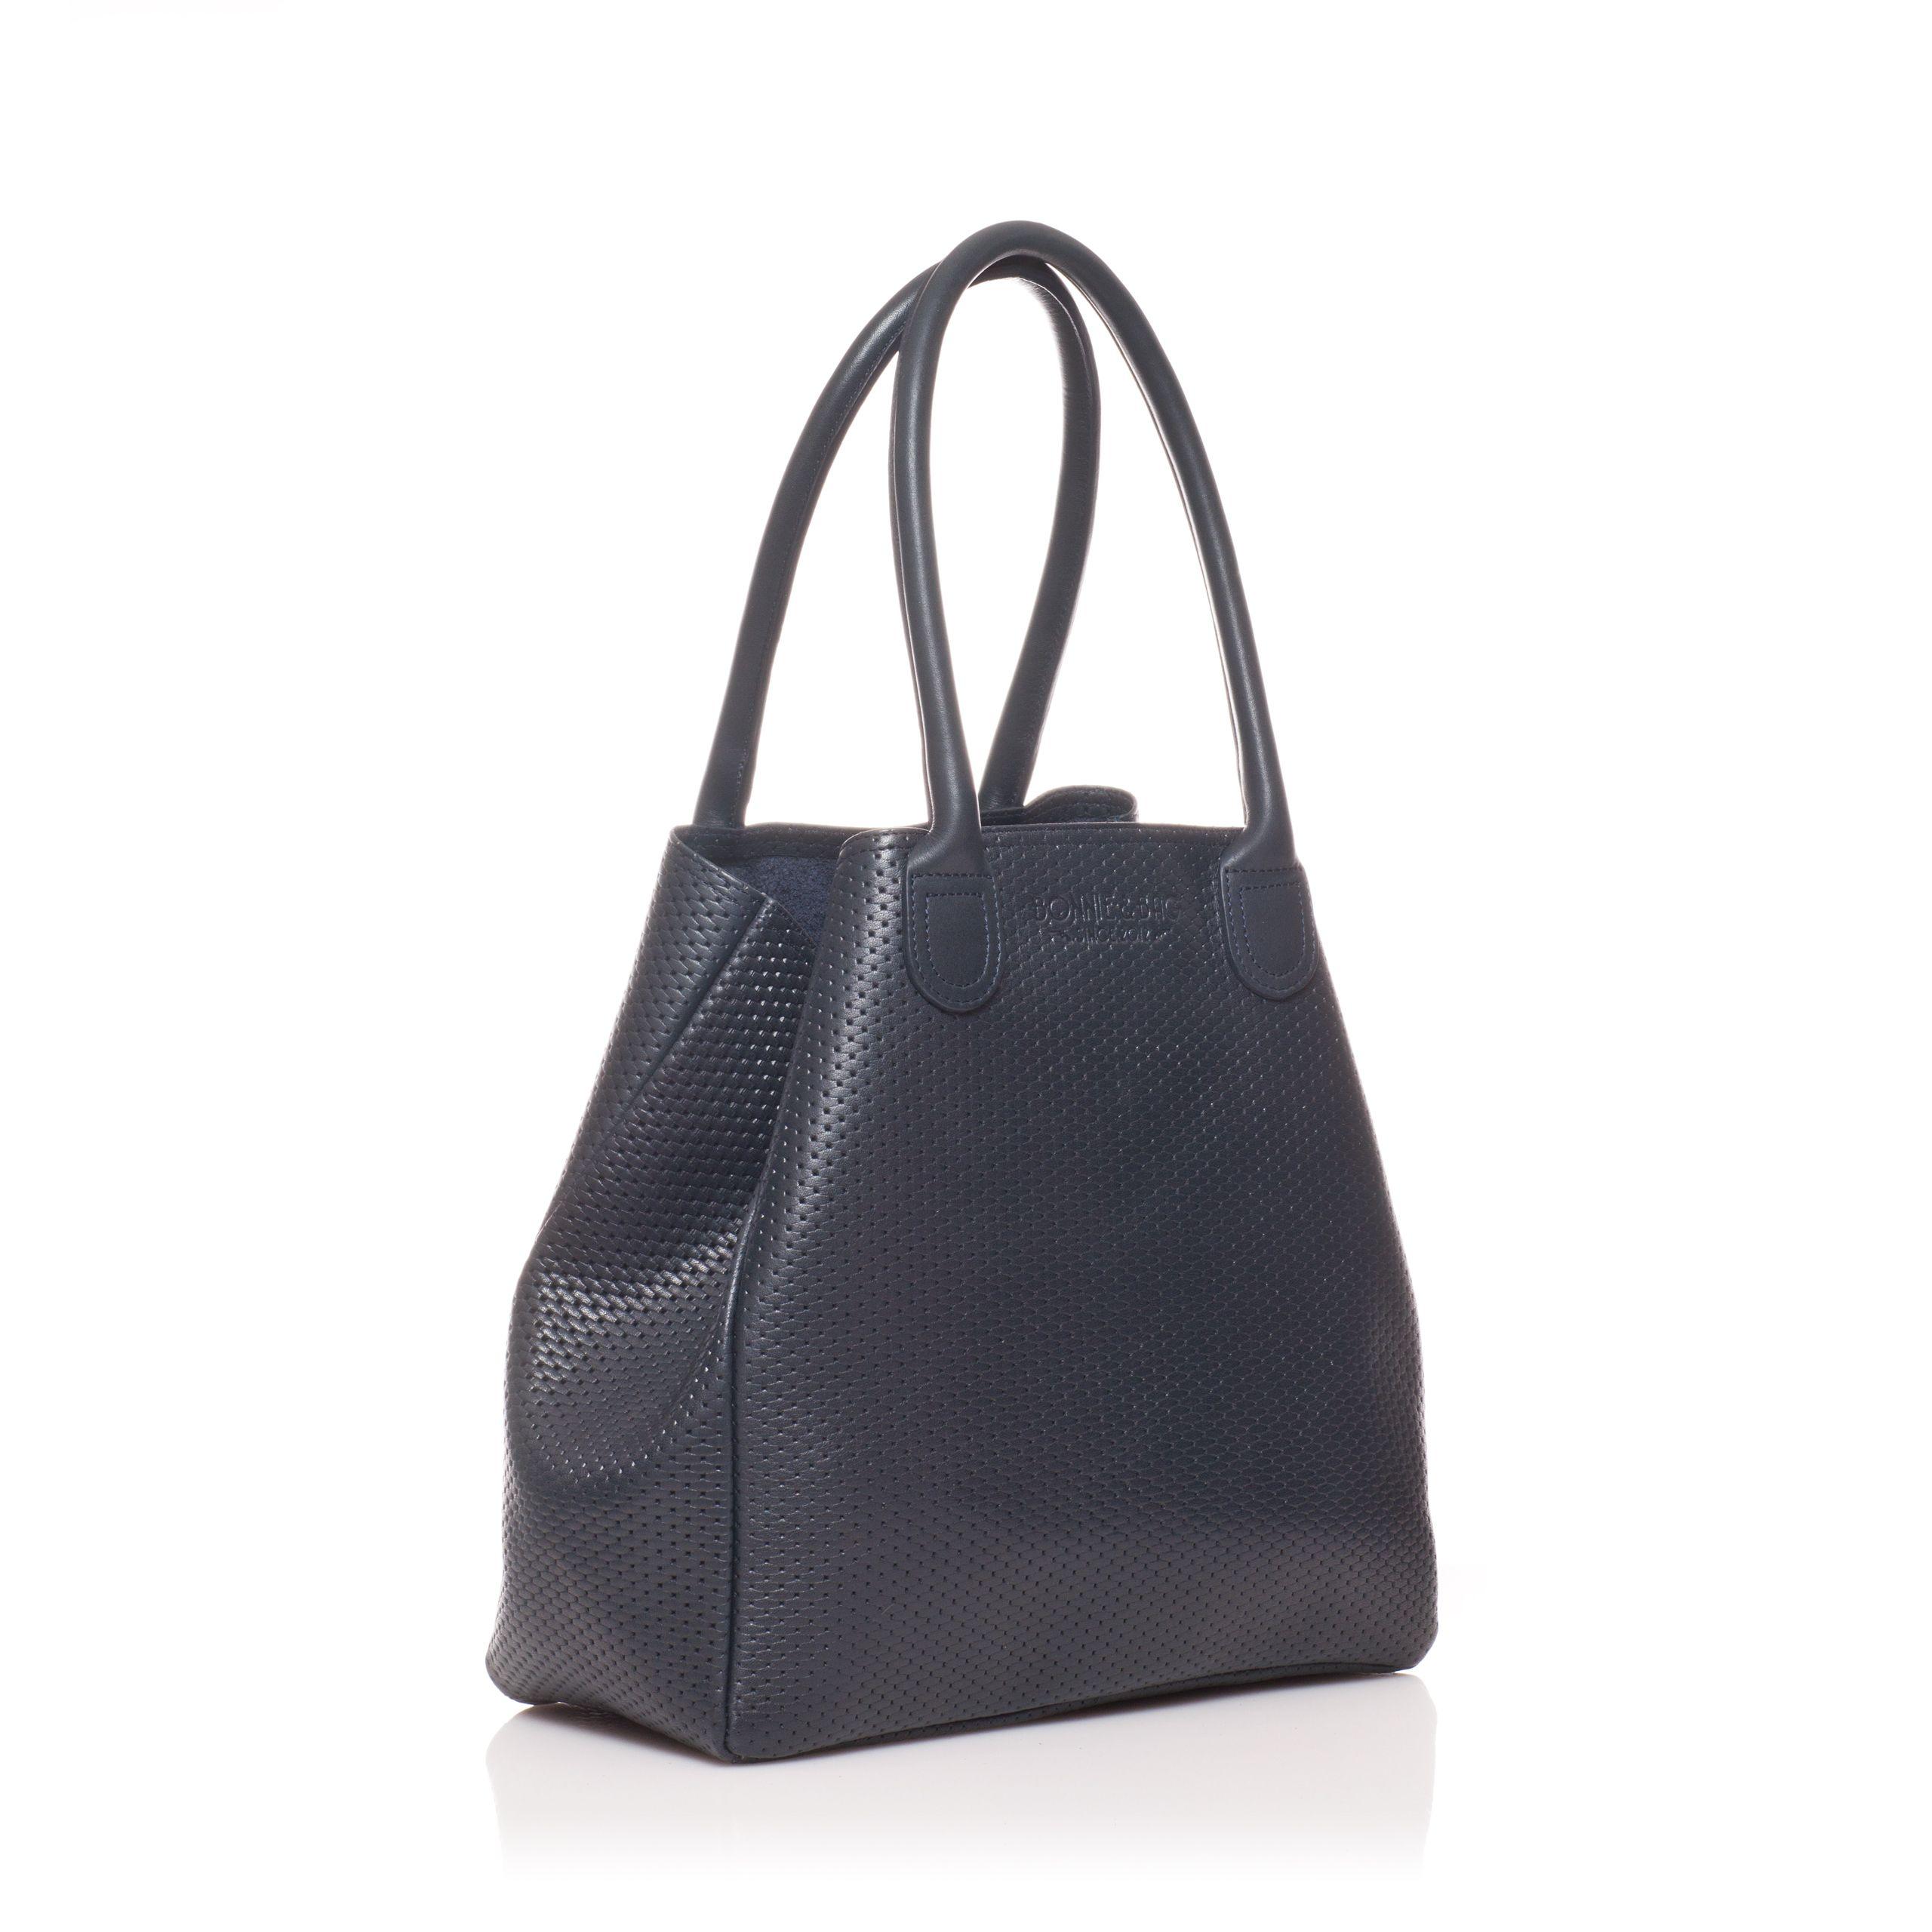 8de7af87ab Petit cabas en cuir mou bleu marine / Small soft leather tote bag in blue  navy - Bonnie and Bag, marque Française de sacs et cabas en cuir